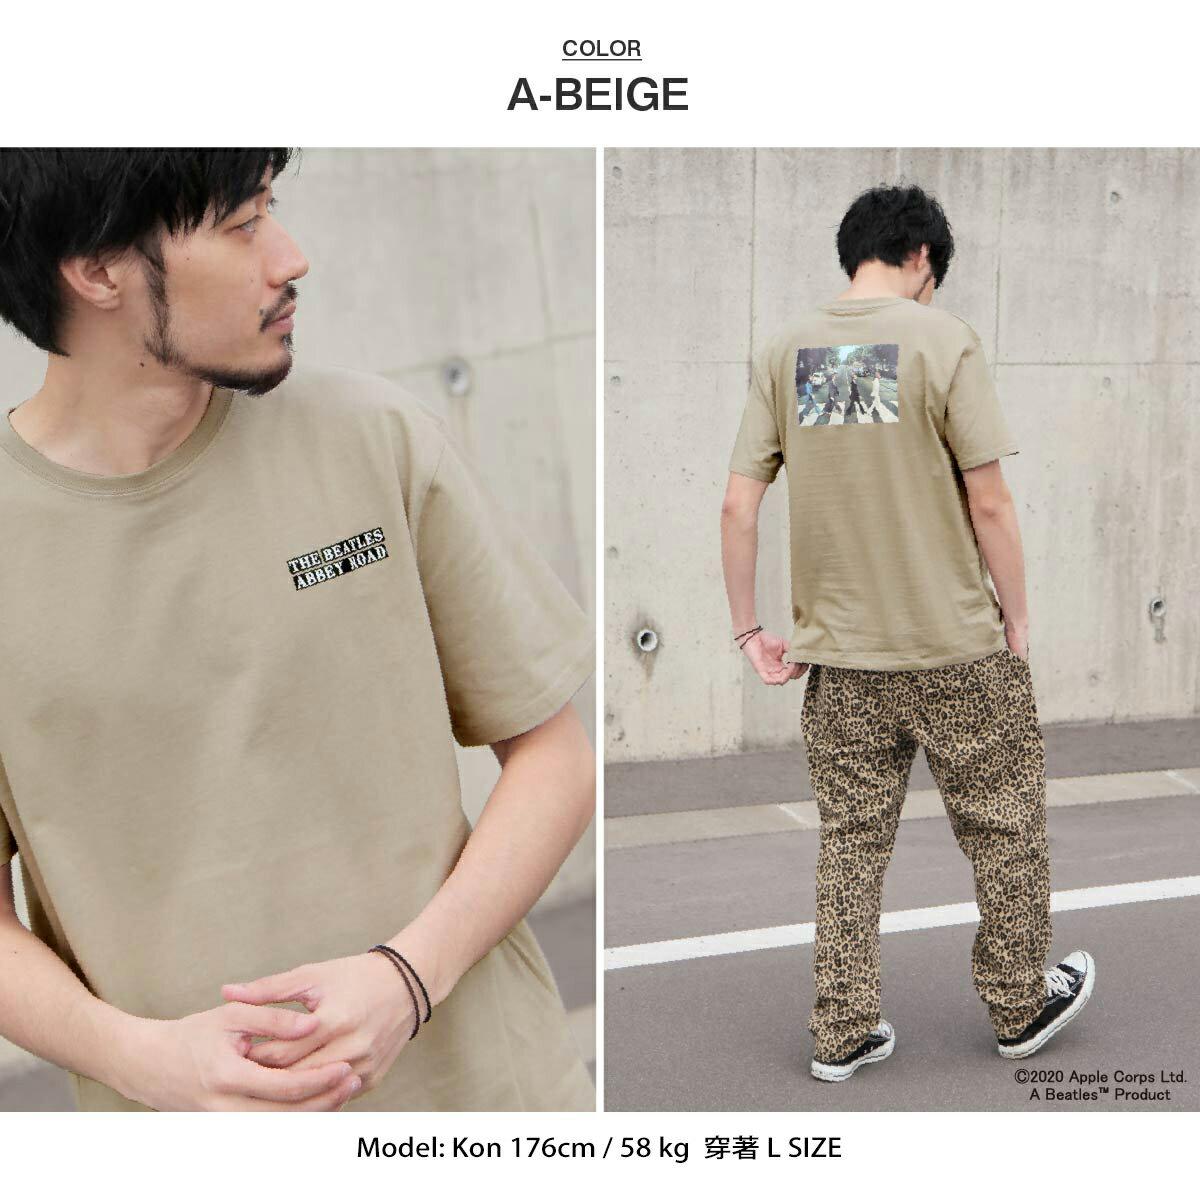 【New】披頭四印刷短袖T恤  Abbey Road 艾比路 披頭四 5